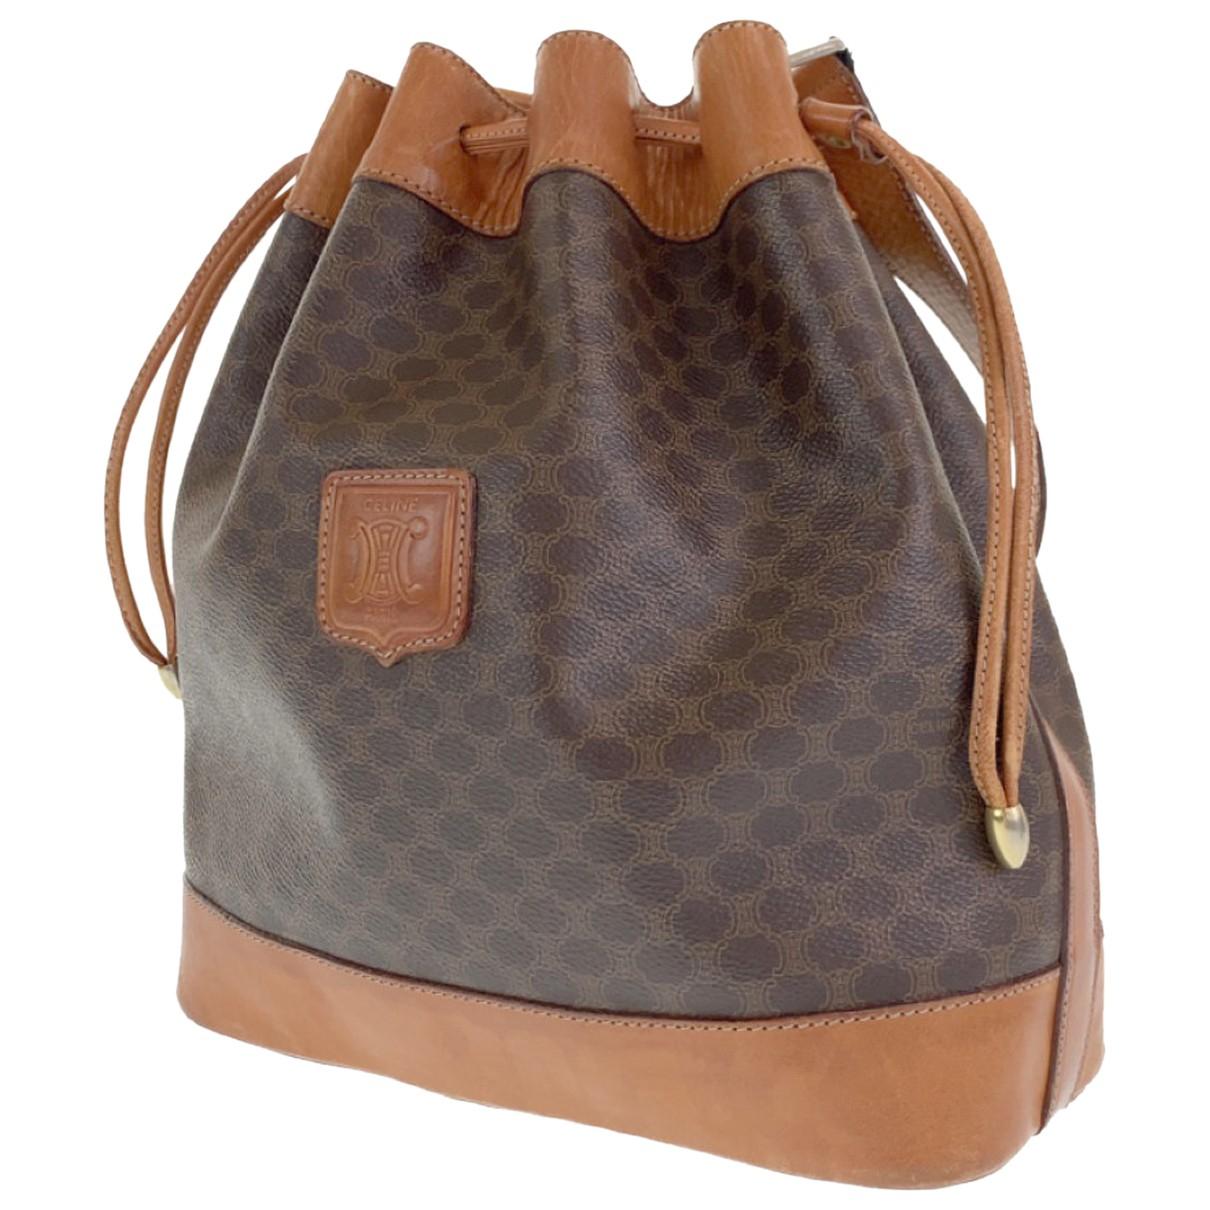 Celine N Brown handbag for Women N